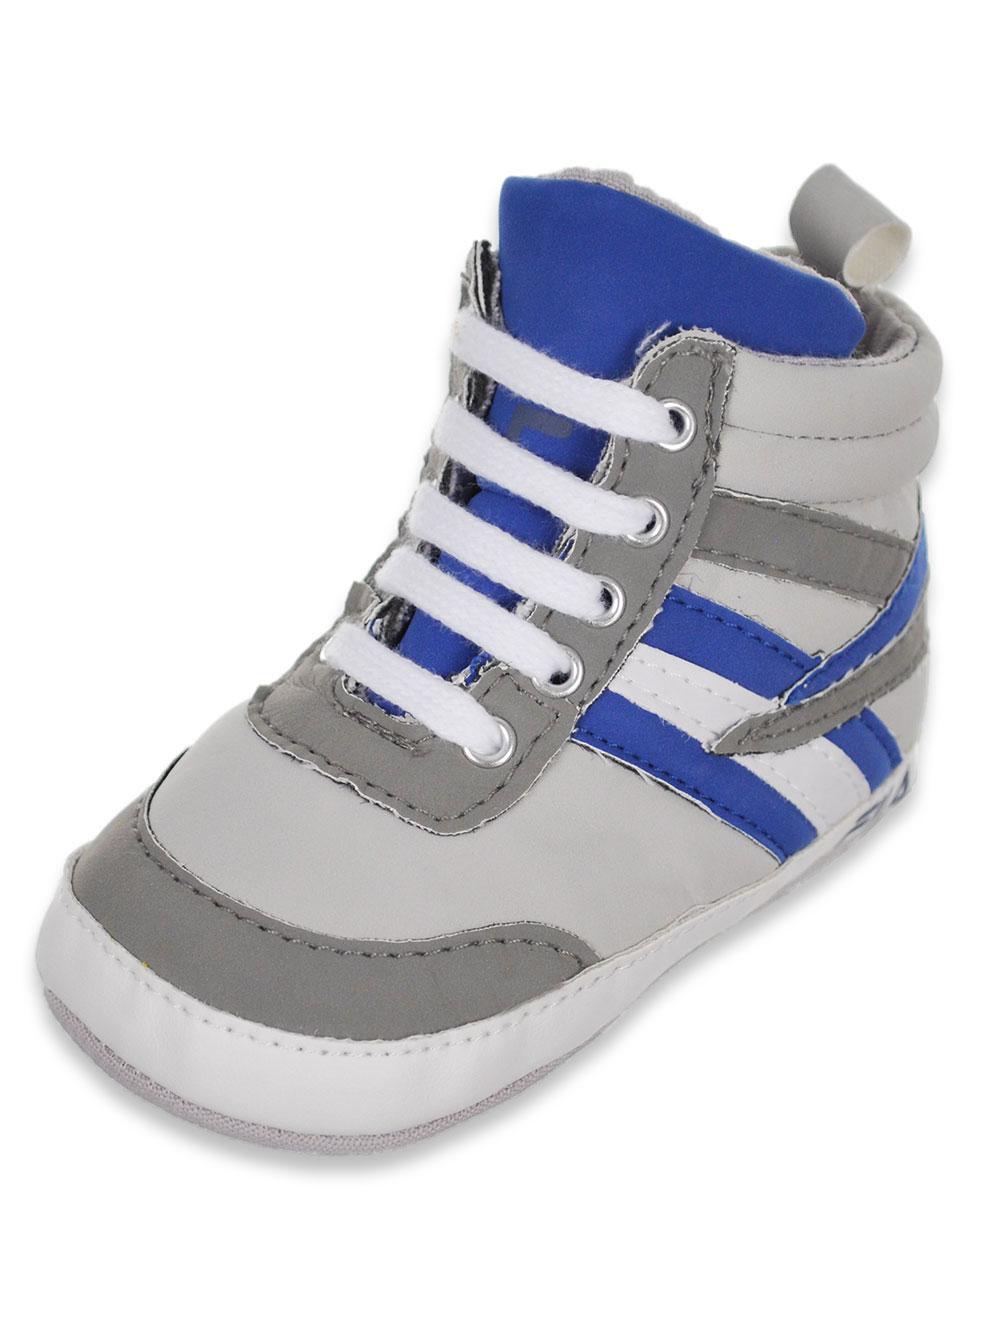 Fila Boys' Sneaker Booties